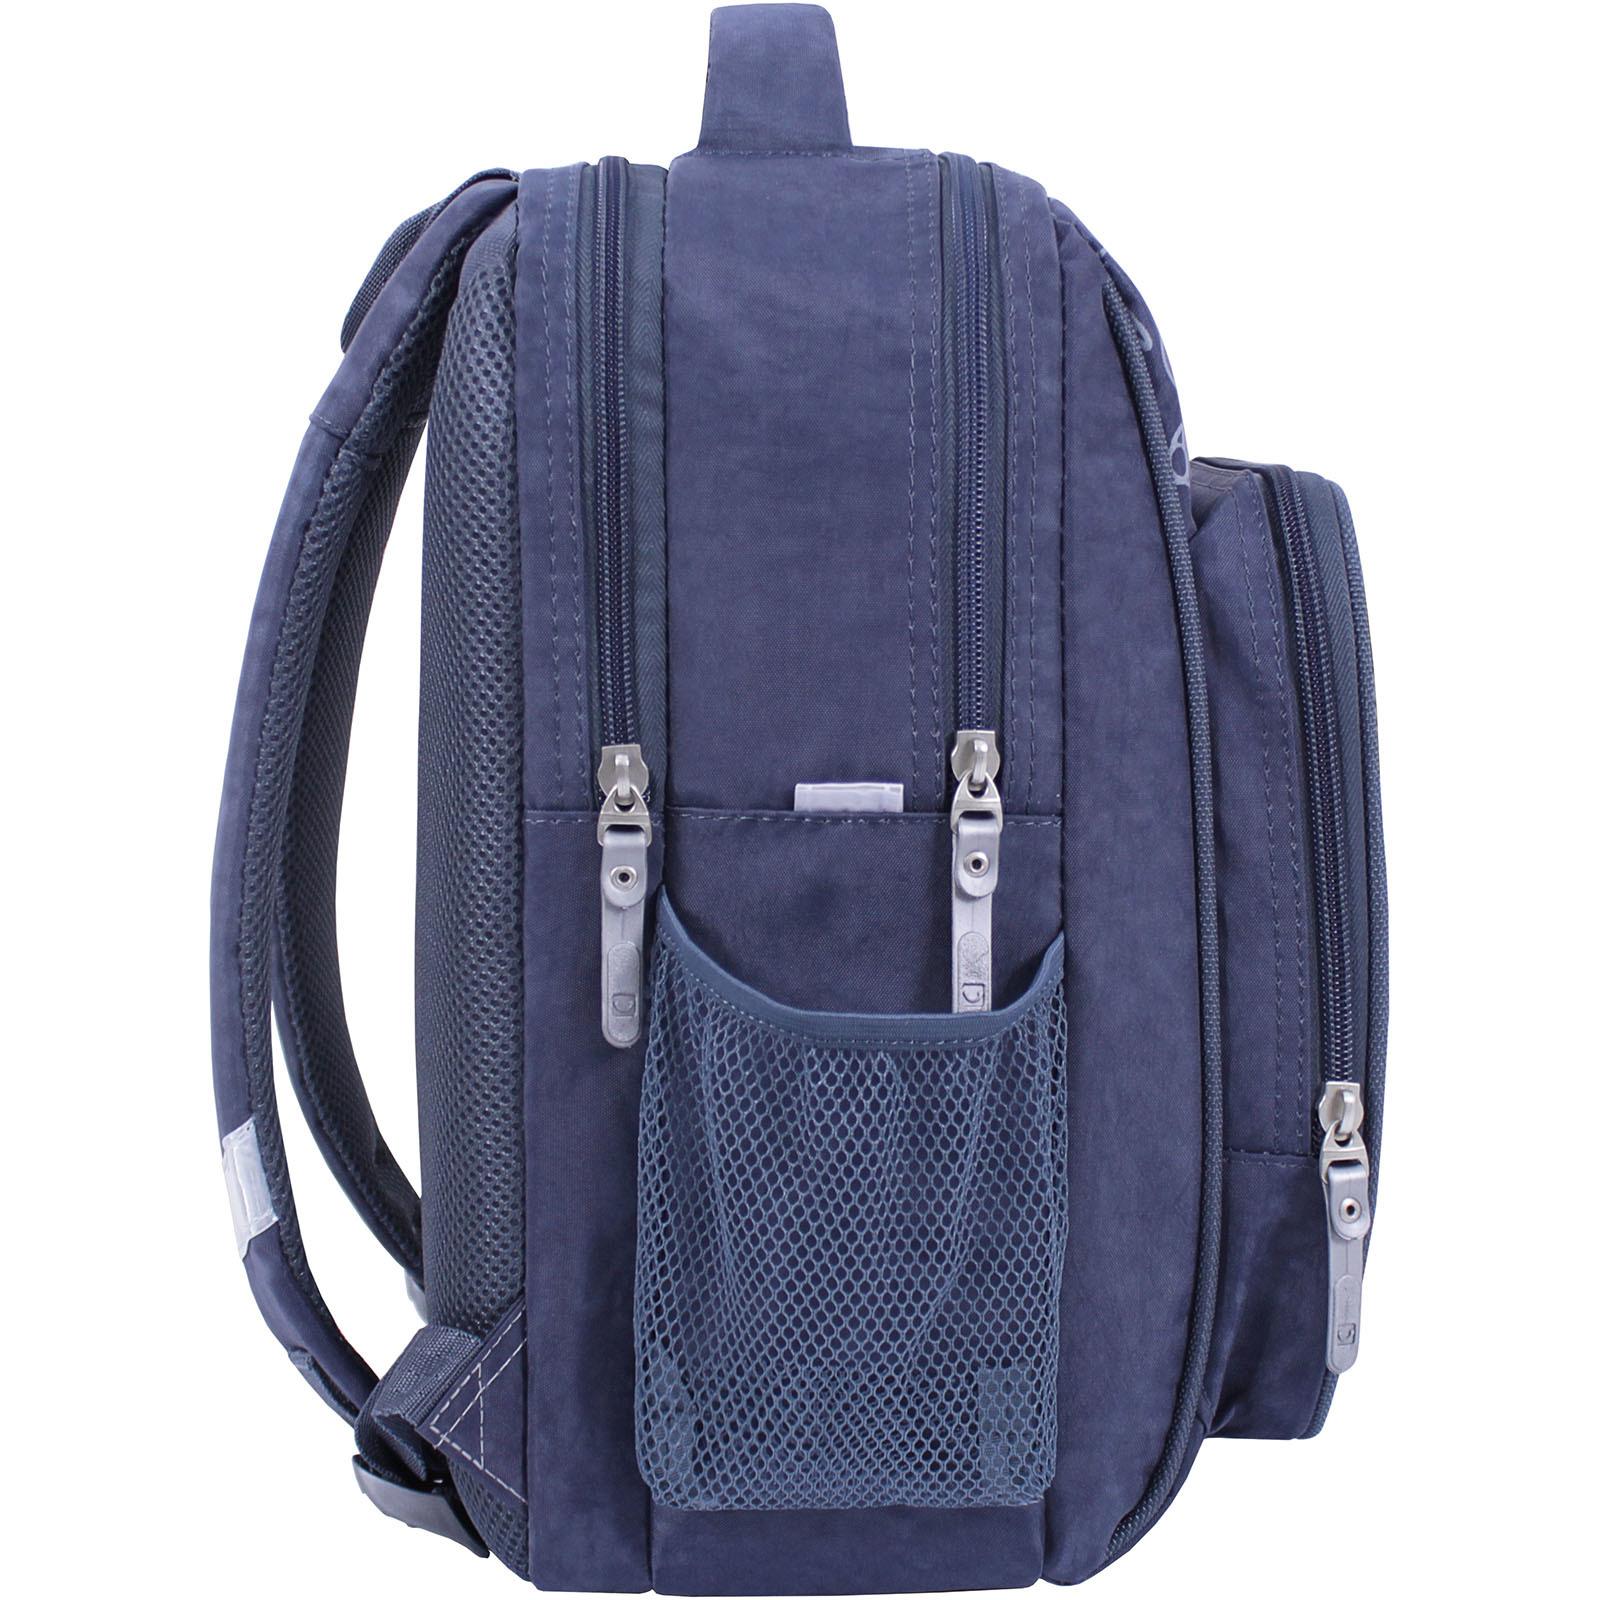 Рюкзак школьный Bagland Школьник 8 л. 321 серый 611 (0012870) фото 2